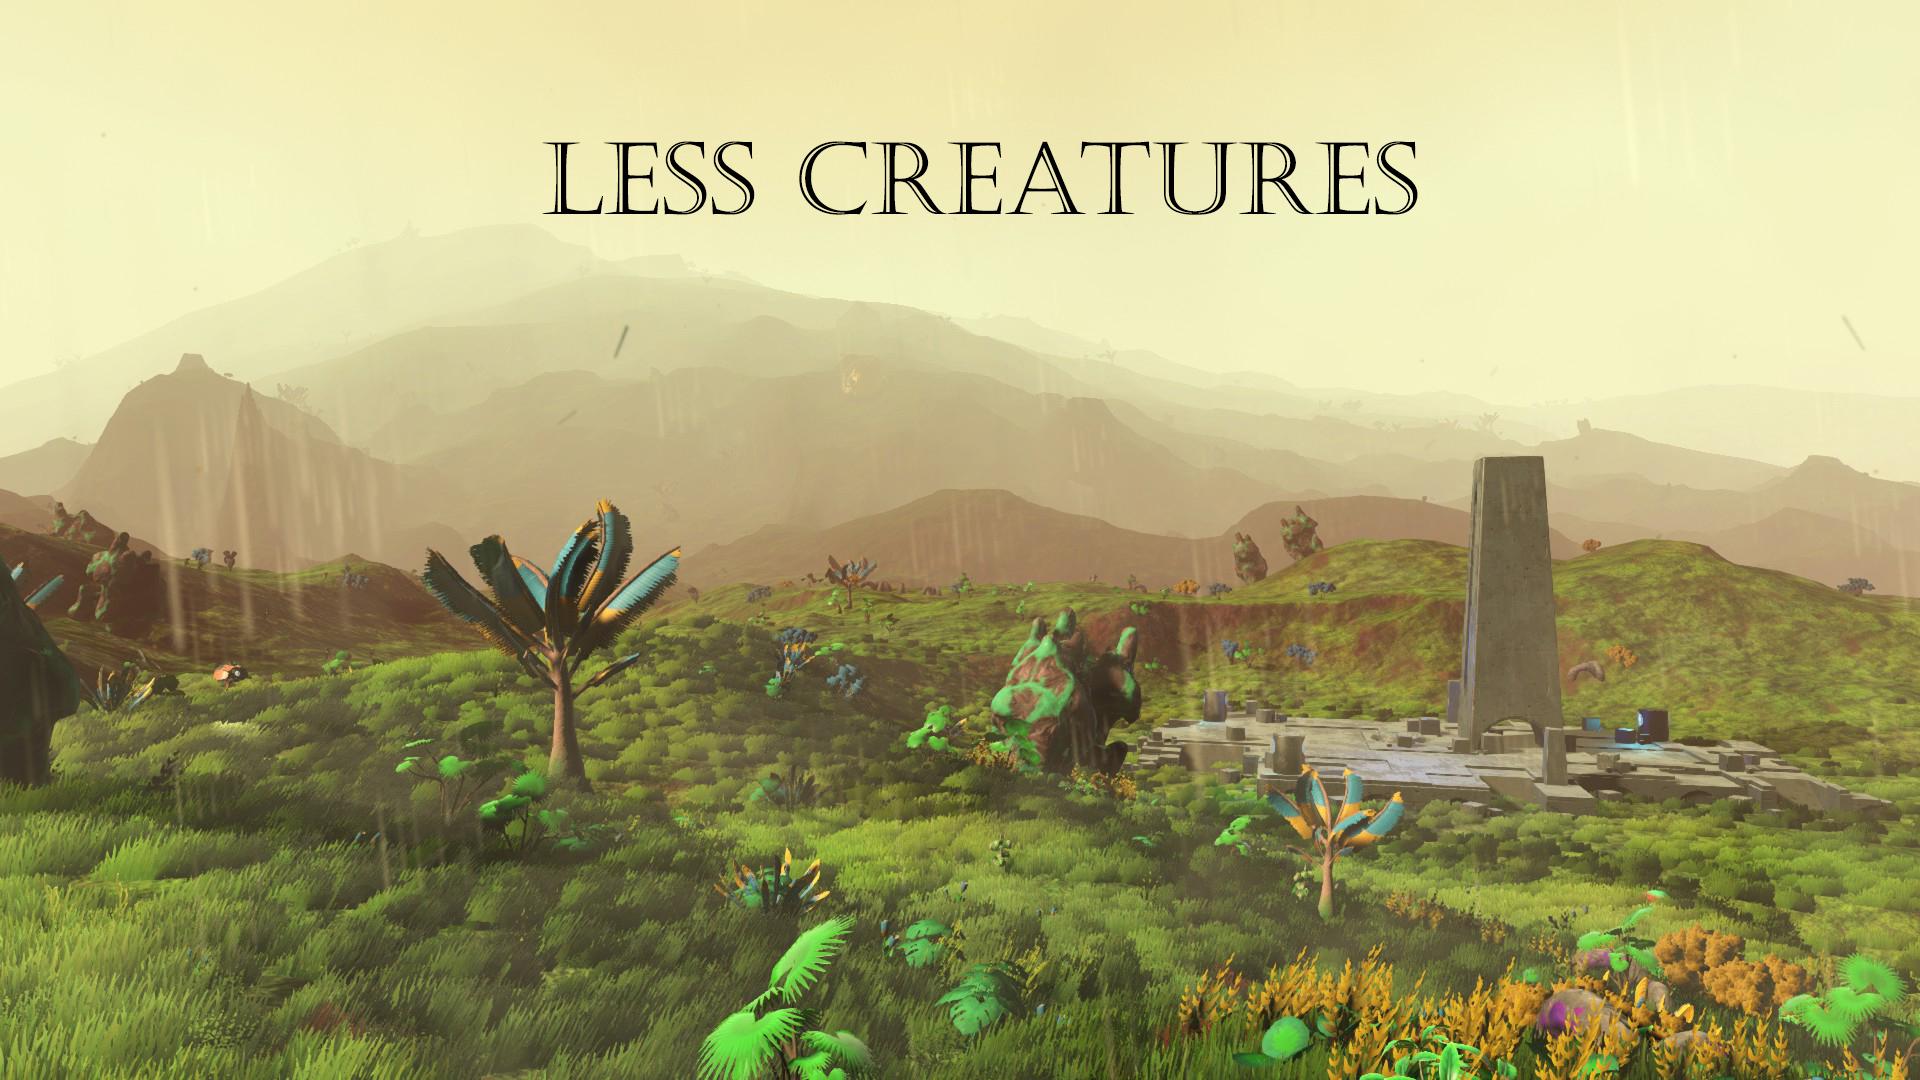 Less Creatures